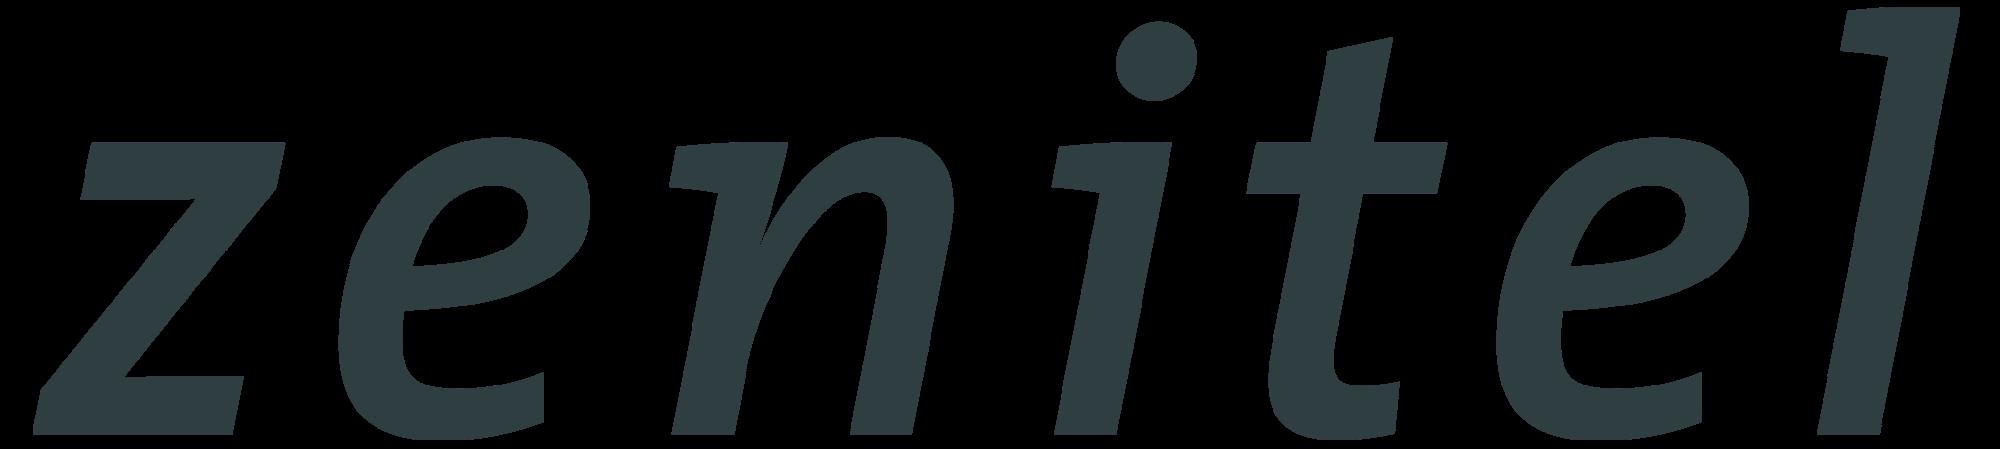 Zentinel